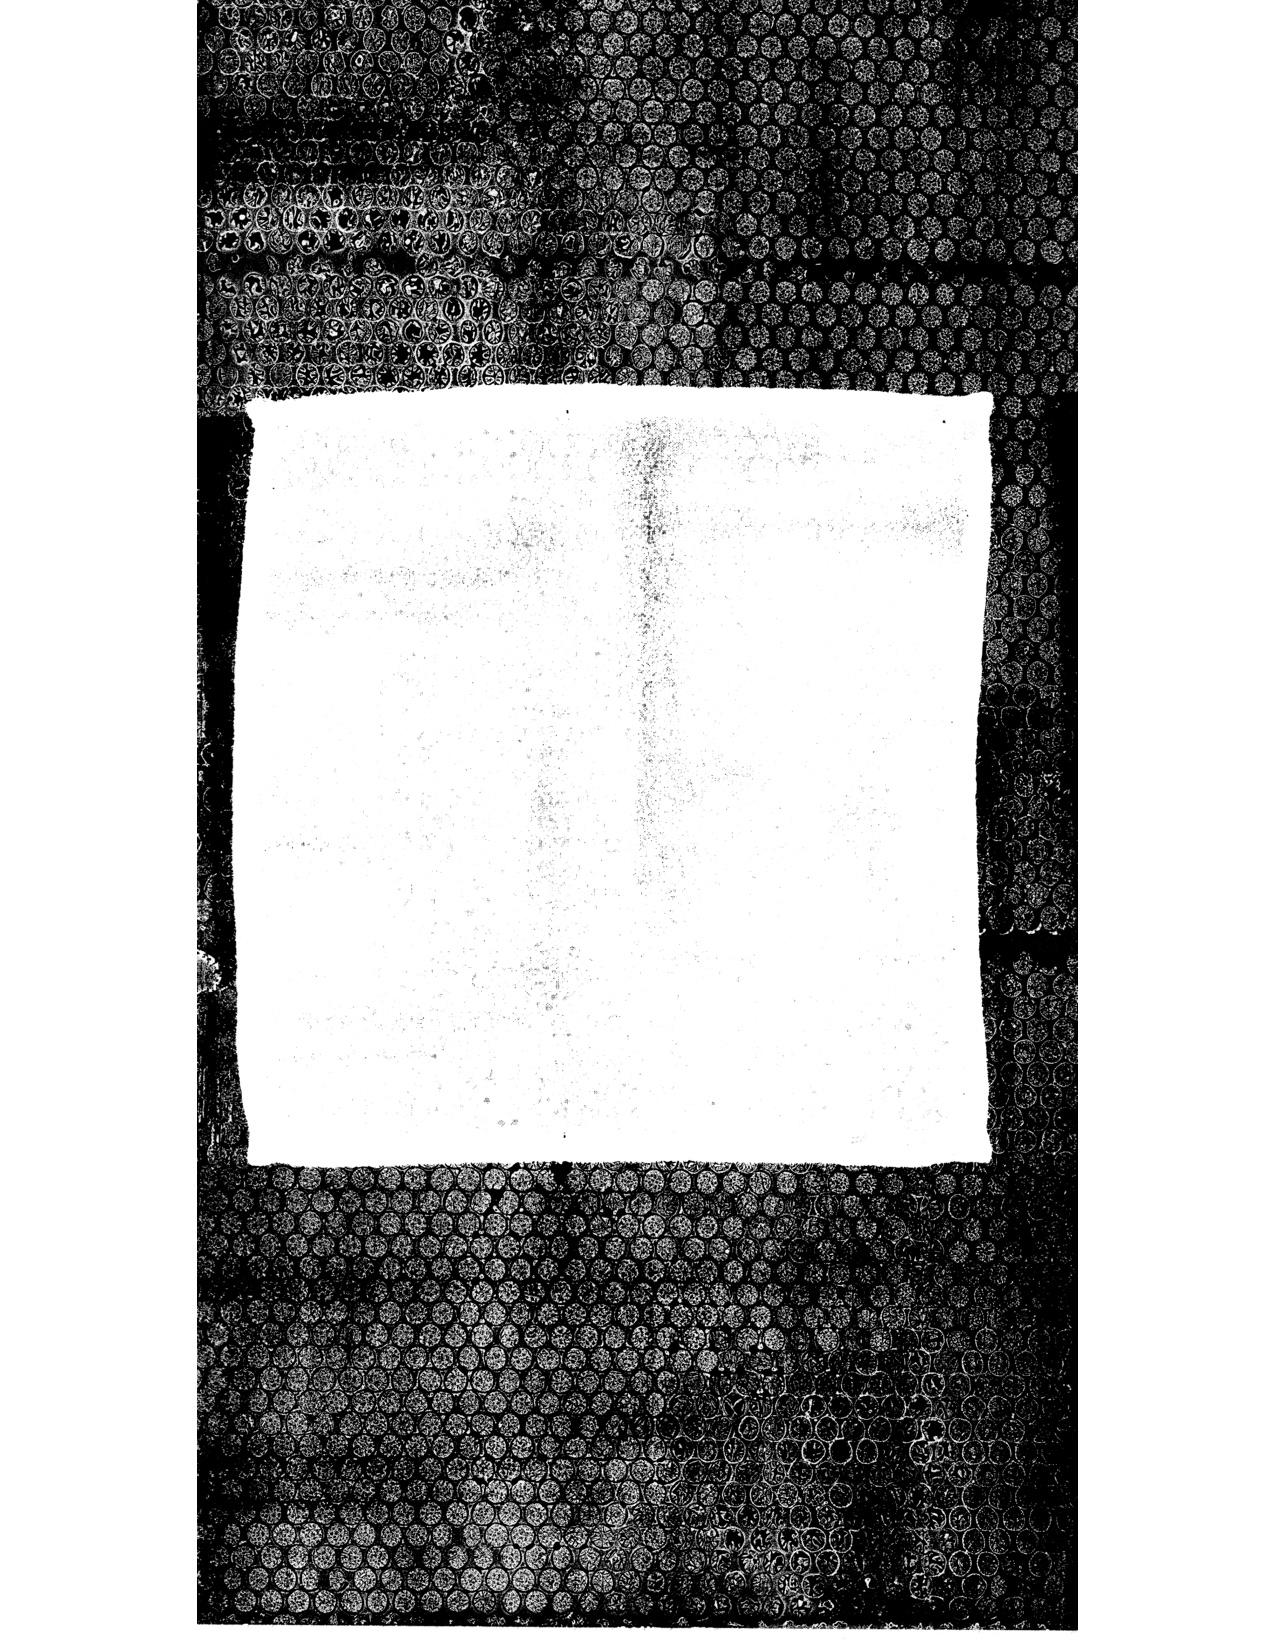 bw3-1.jpg